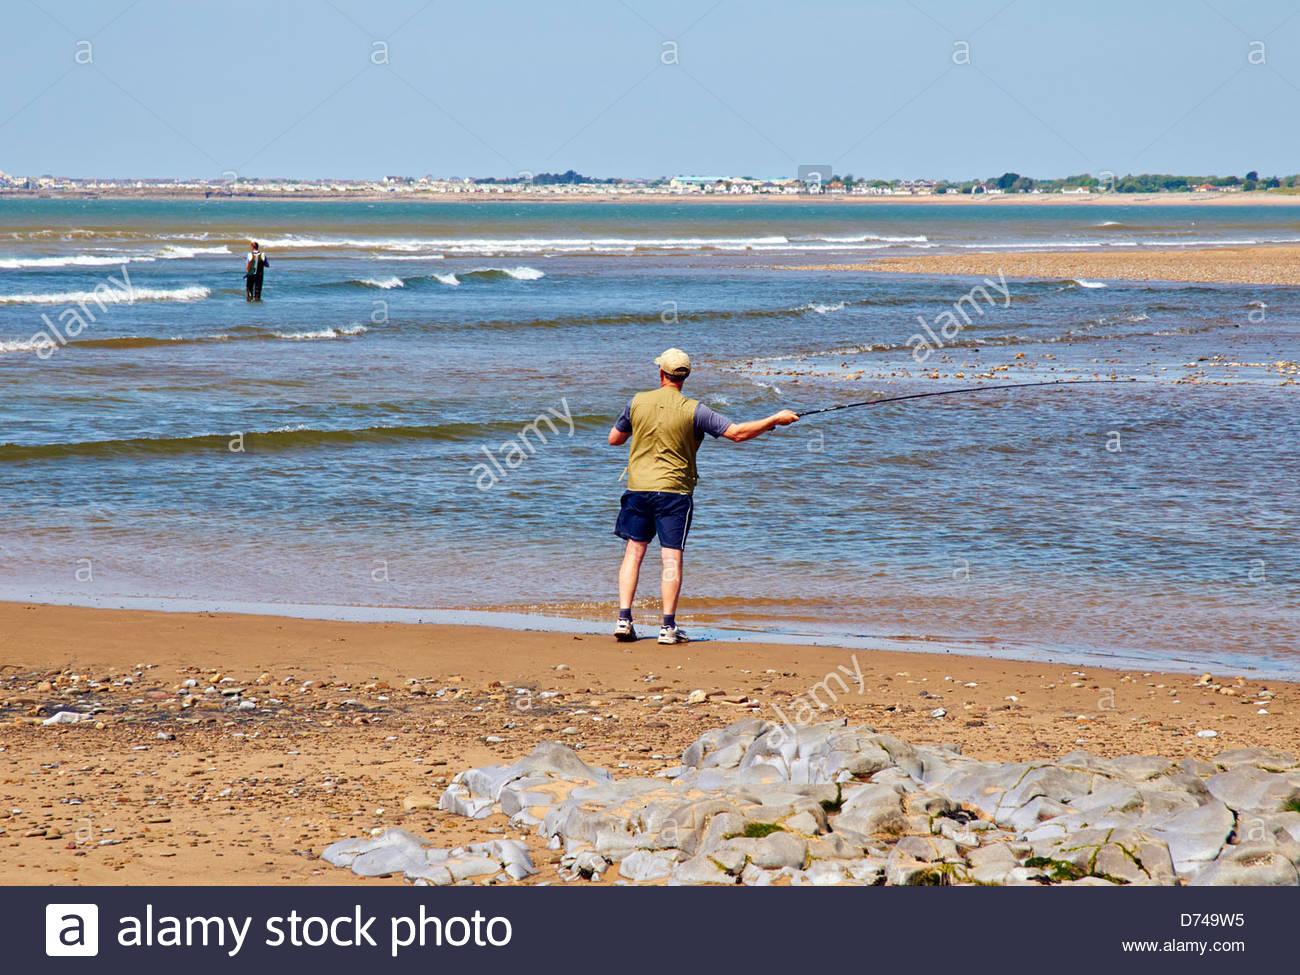 Mare il pescatore con canna da pesca polo sulla spiaggia lungo la costa  della linea di colata in acqua per catturare i pesci in piedi sulla sabbia 2e5ace1b4d01